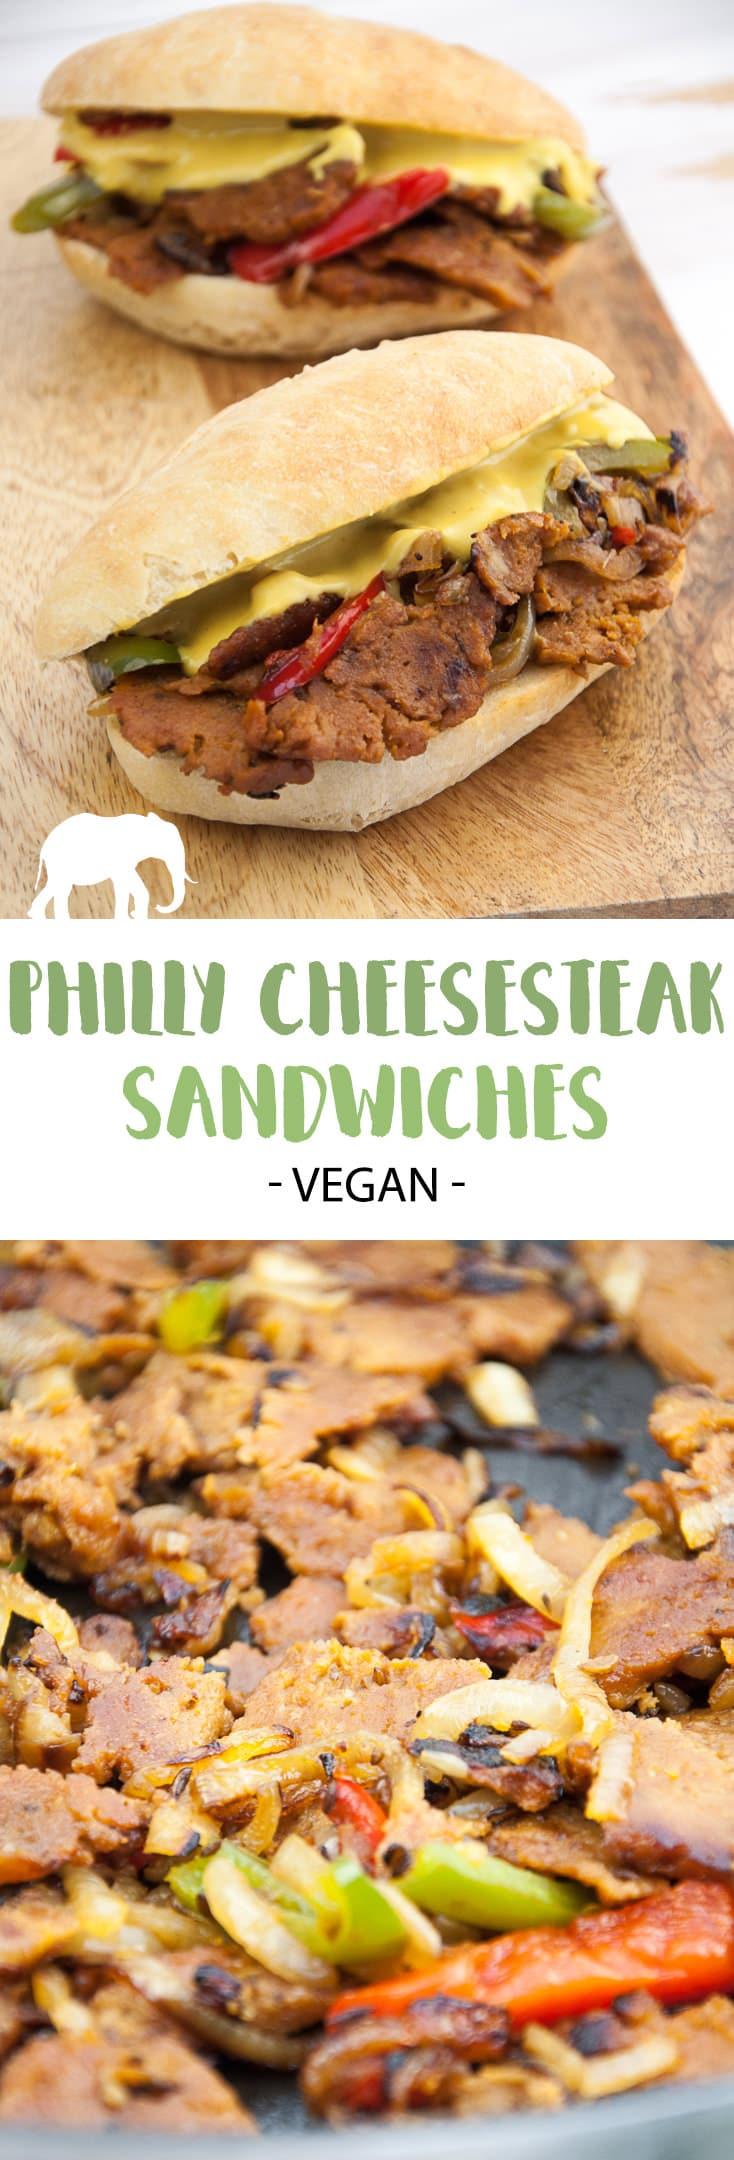 Vegan Philly Cheesesteak Sandwiches | ElephantasticVegan.com #vegan #cheesesteak #seitan #sandwich